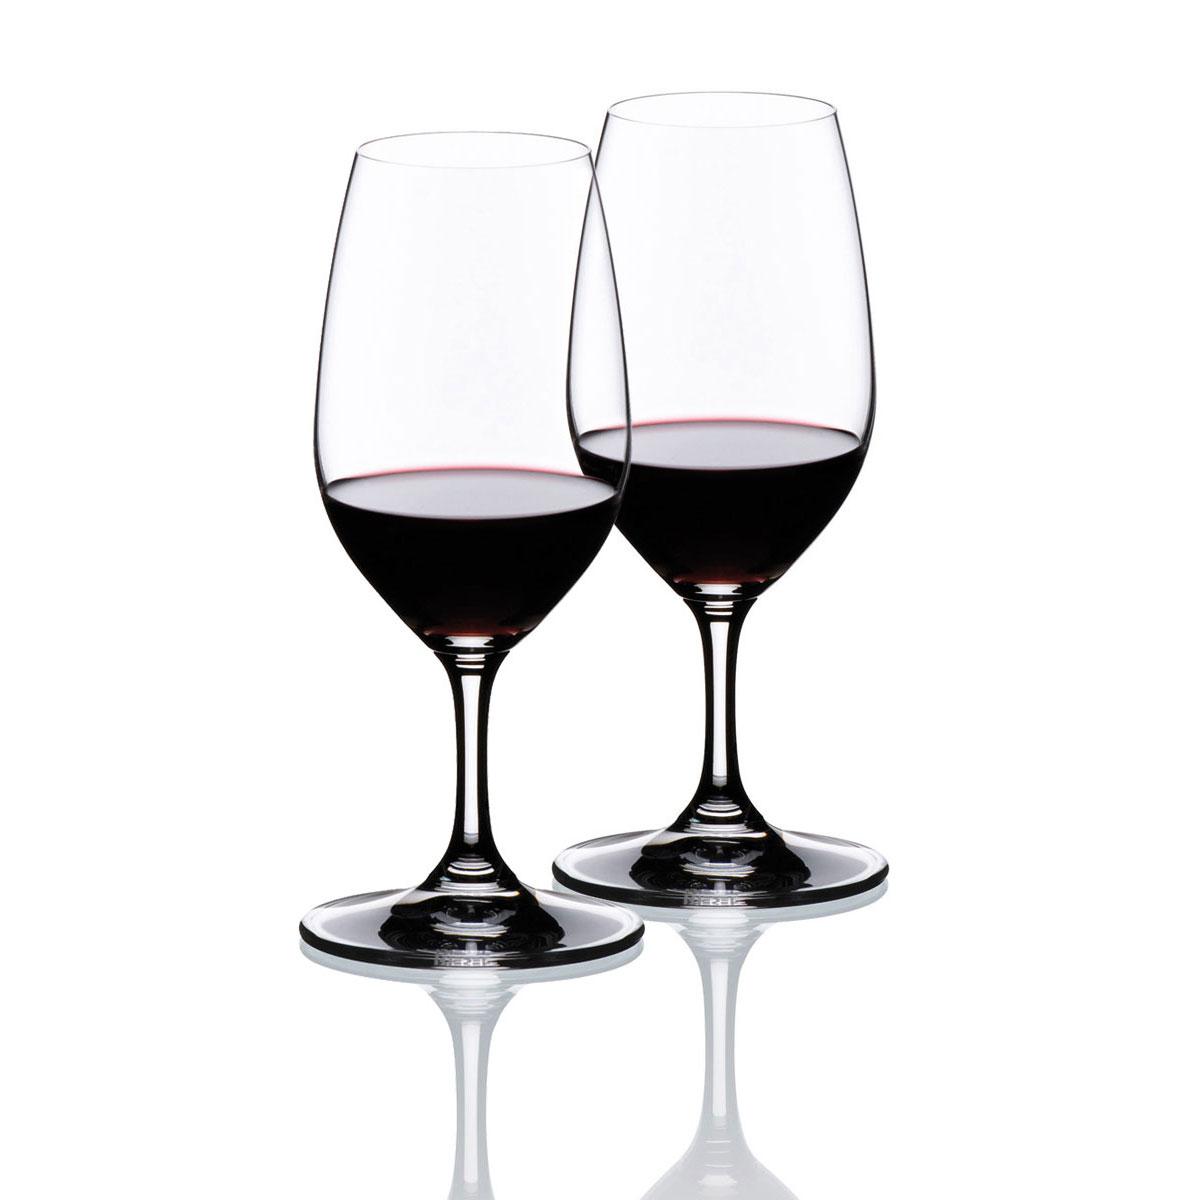 Riedel Vinum, Port Crystal Wine Glasses, Pair